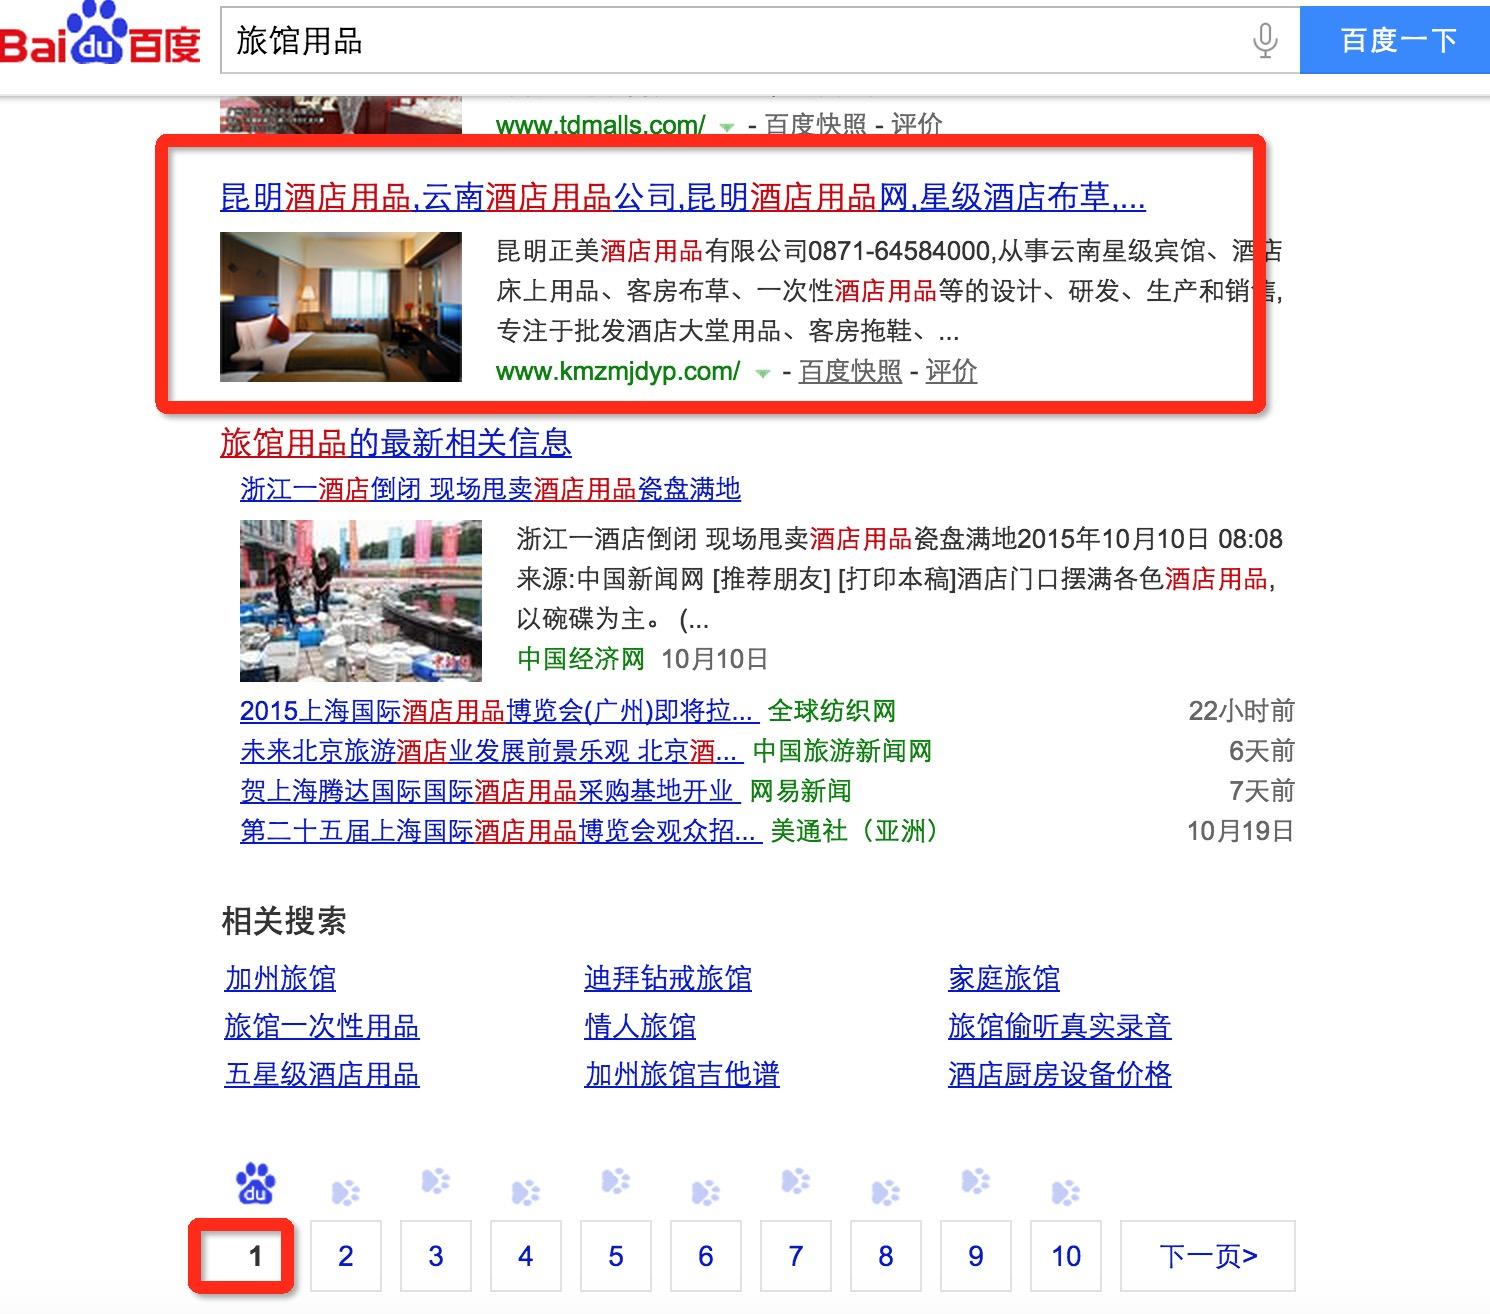 深圳布吉网站推广-旅馆用品排名